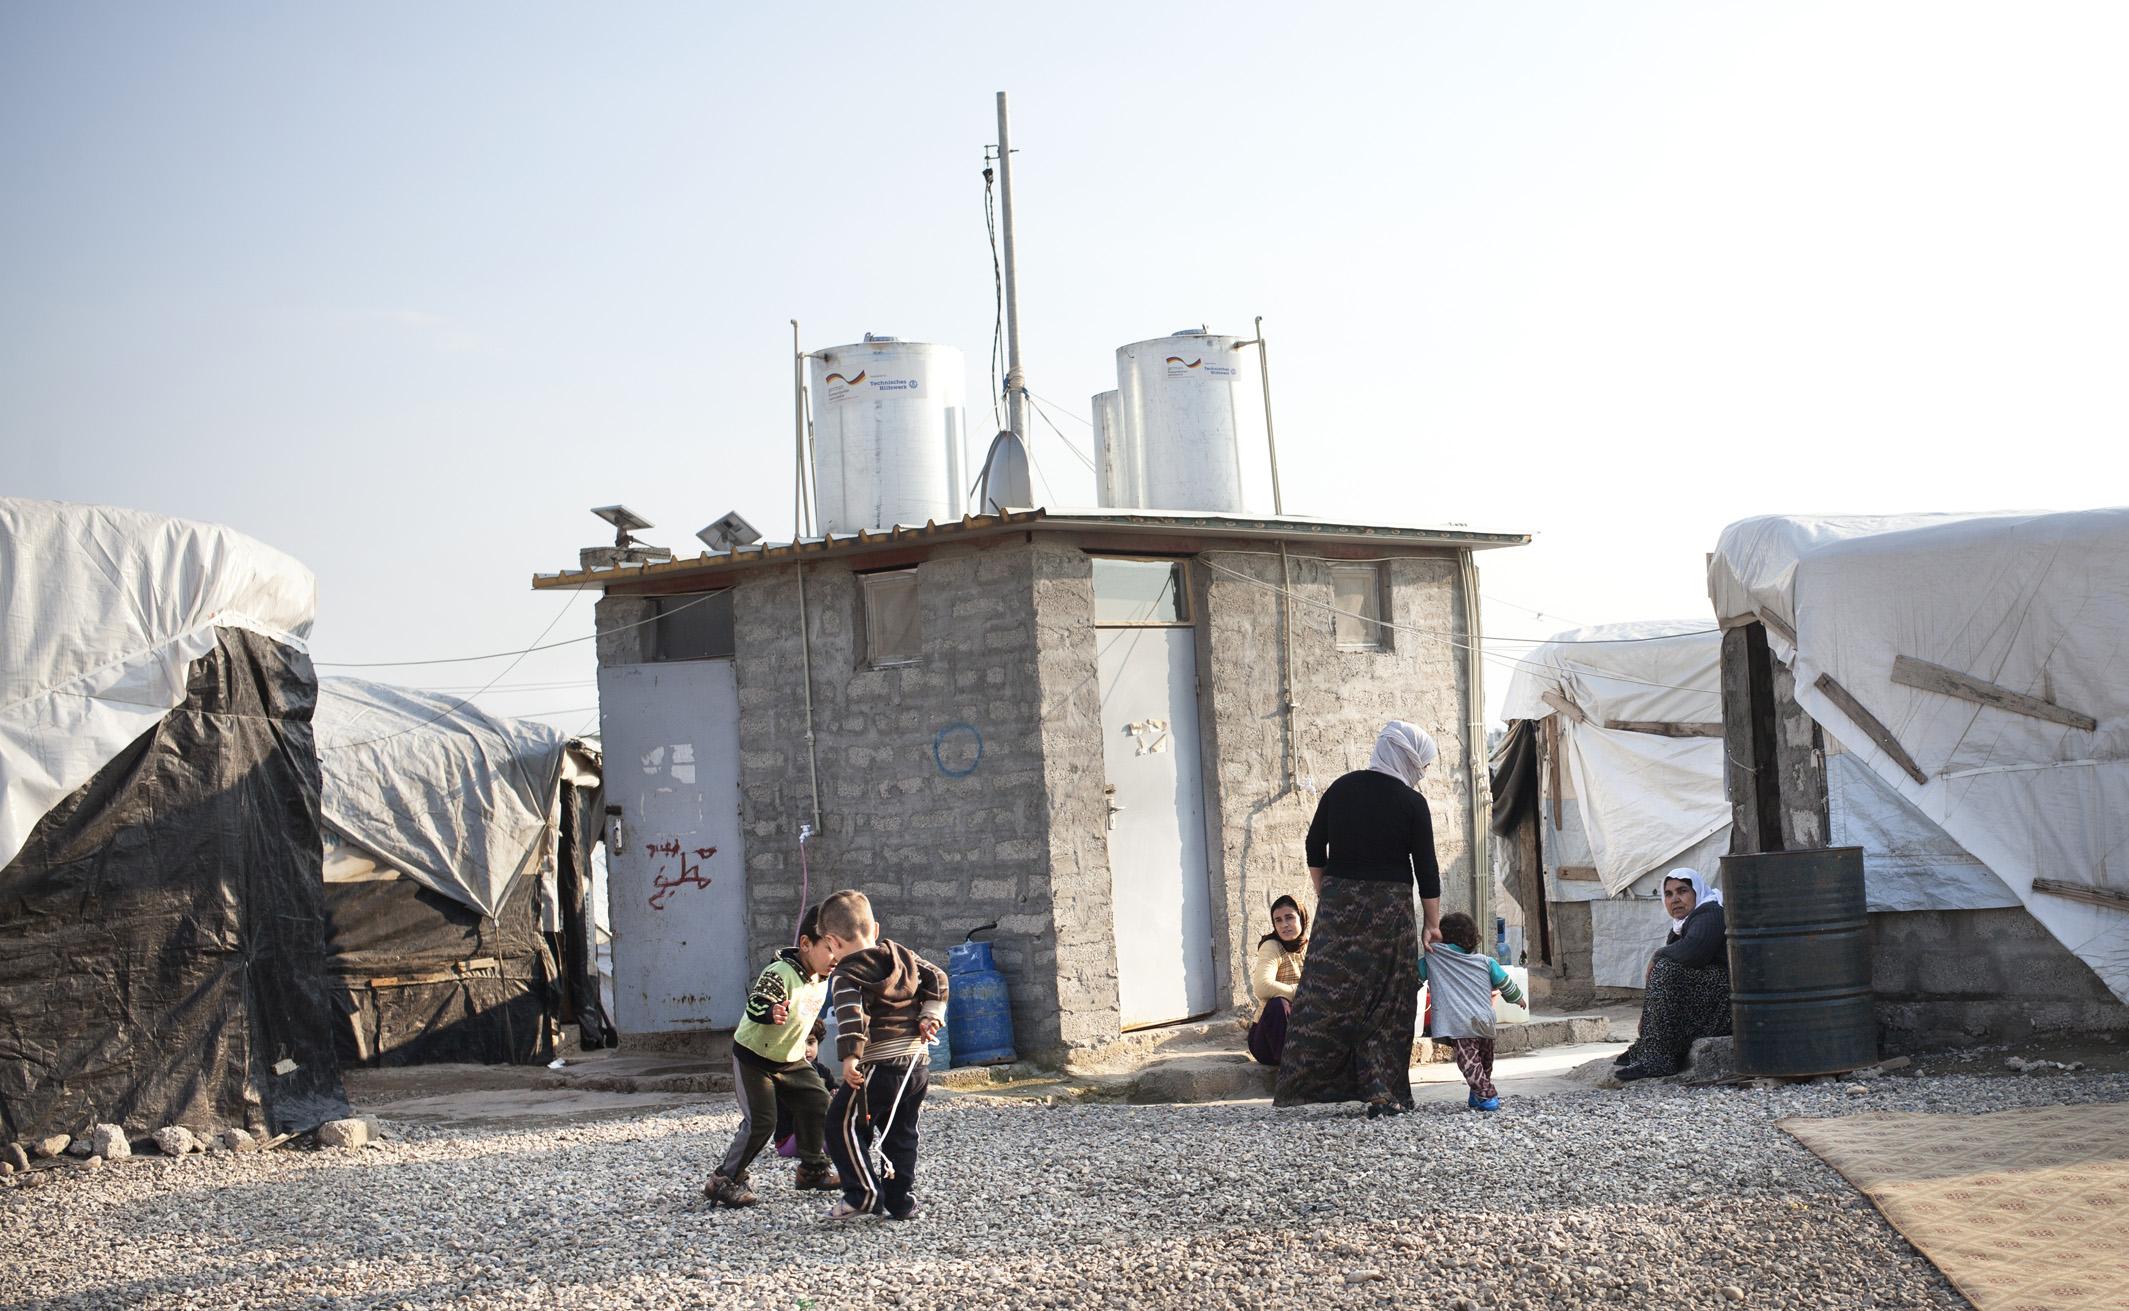 DOHUK, KURDISTAN- FEBRUARY, 2016: Au camp de Kankhe il n'y a que des déplacés Yézidis. (Picture by Veronique de Viguerie/ Reportage by getty Images).